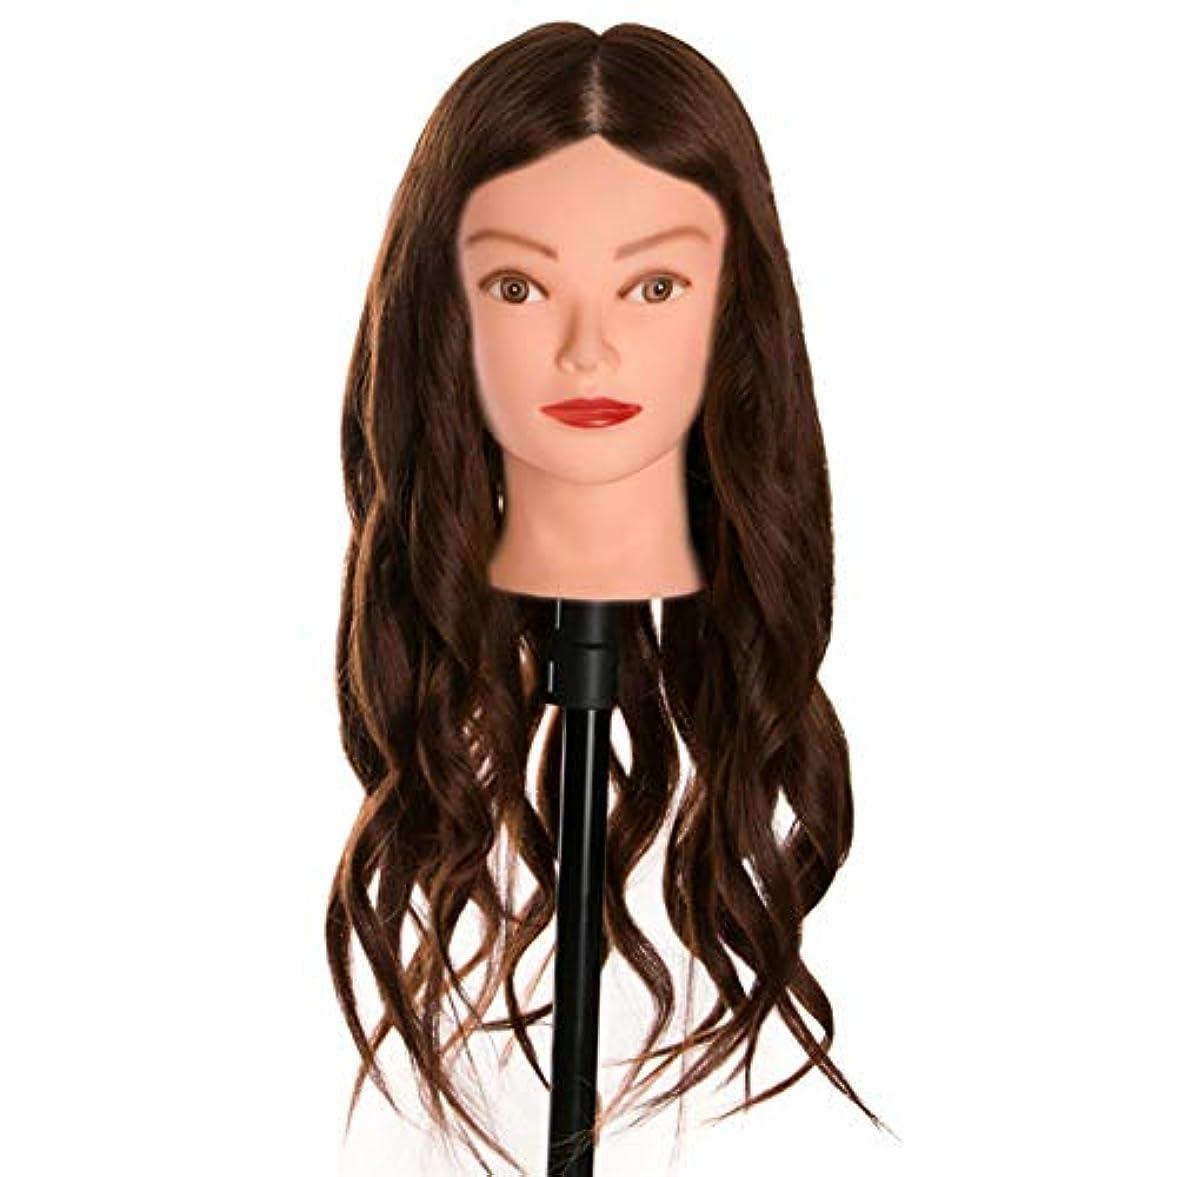 スーパーピーブ約設定理髪サロンエクササイズヘッド金型メイクディスクヘアスタイリング編み教育ダミーヘッドヘアカットトレーニングかつら金型3個